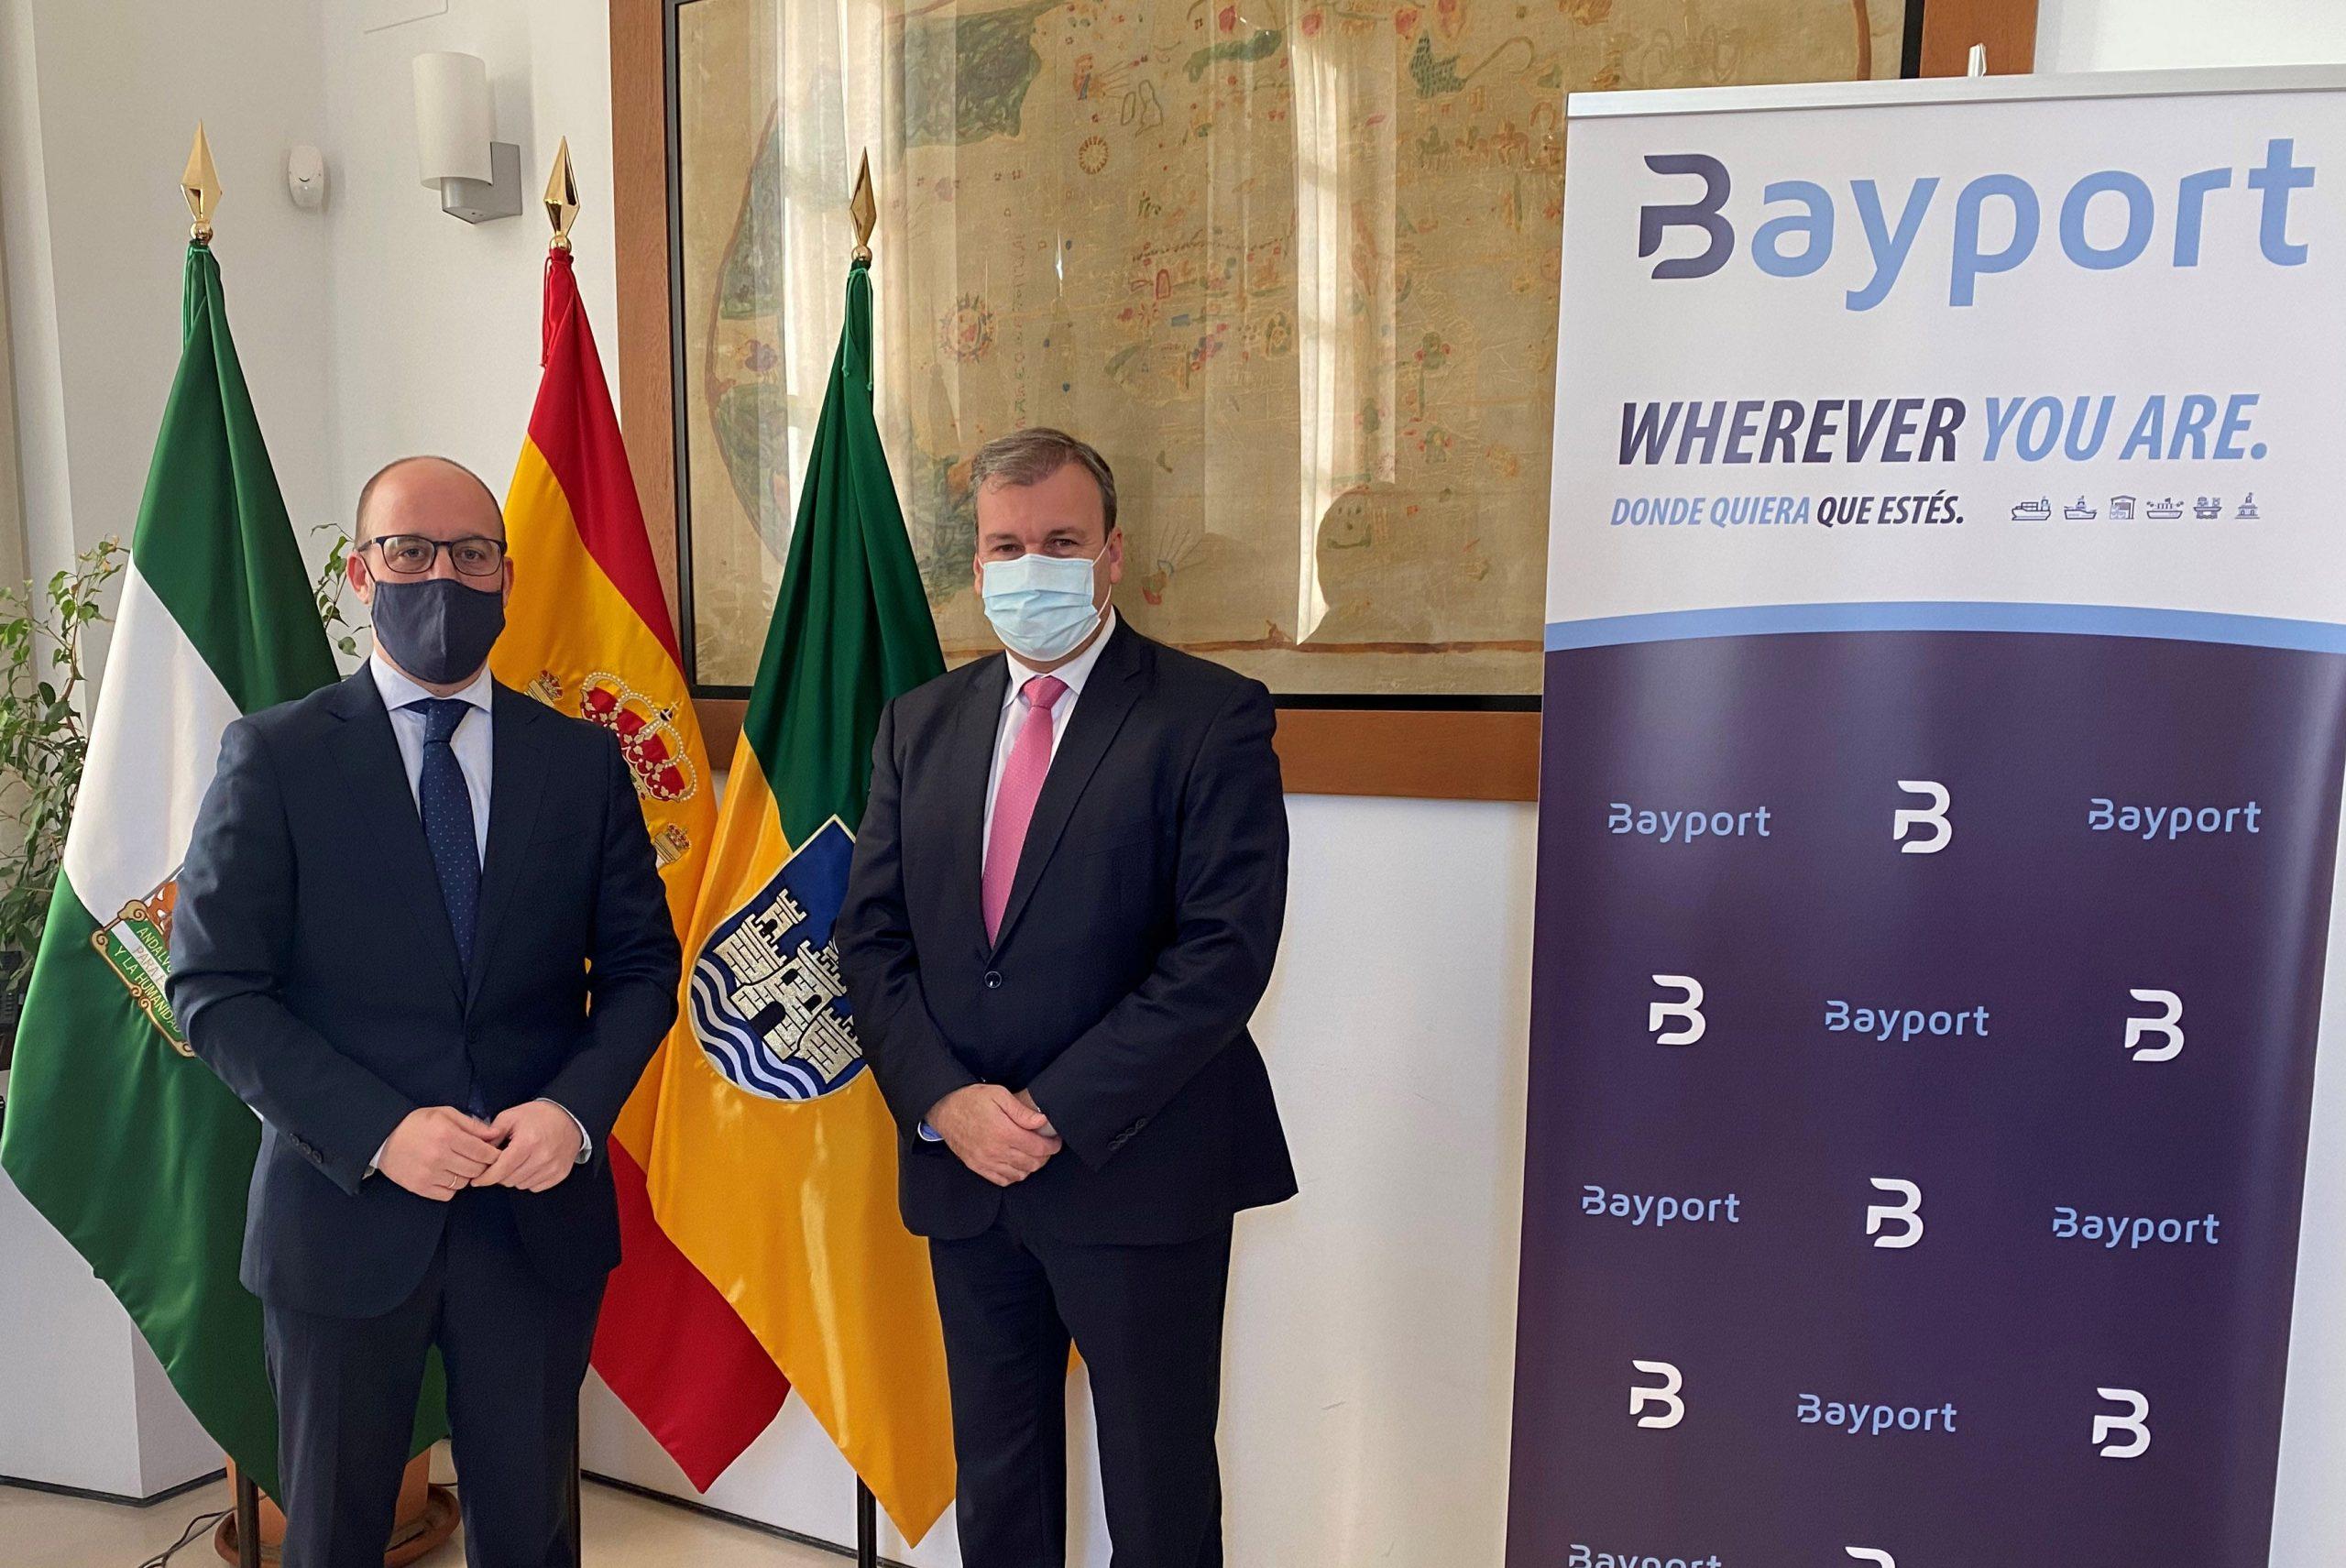 Bayport confirma el traslado de sus oficinas centrales a un nuevo emplazamiento en El Puerto de Santa María.